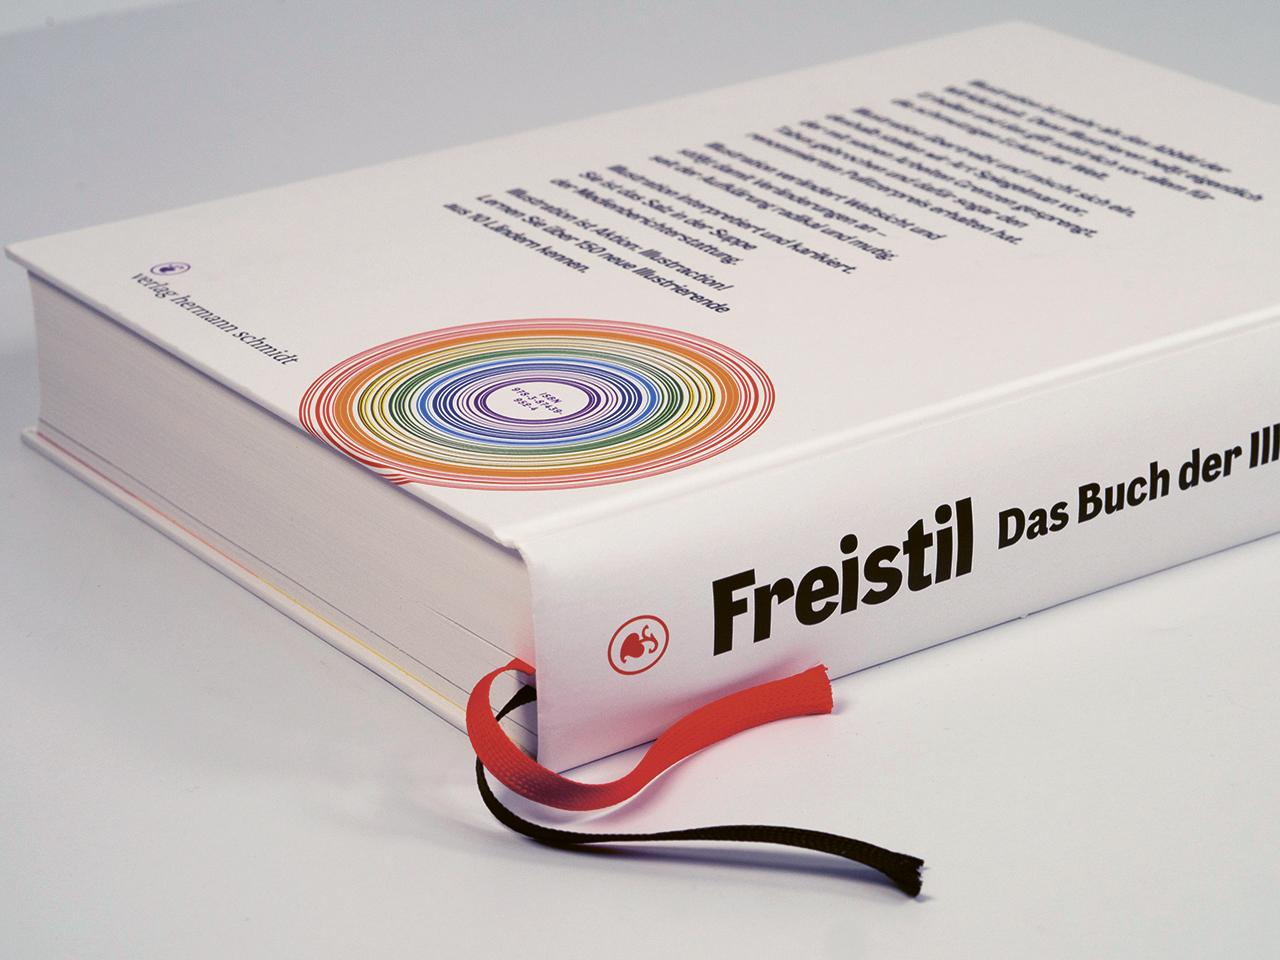 9783874399524_Freistil 79